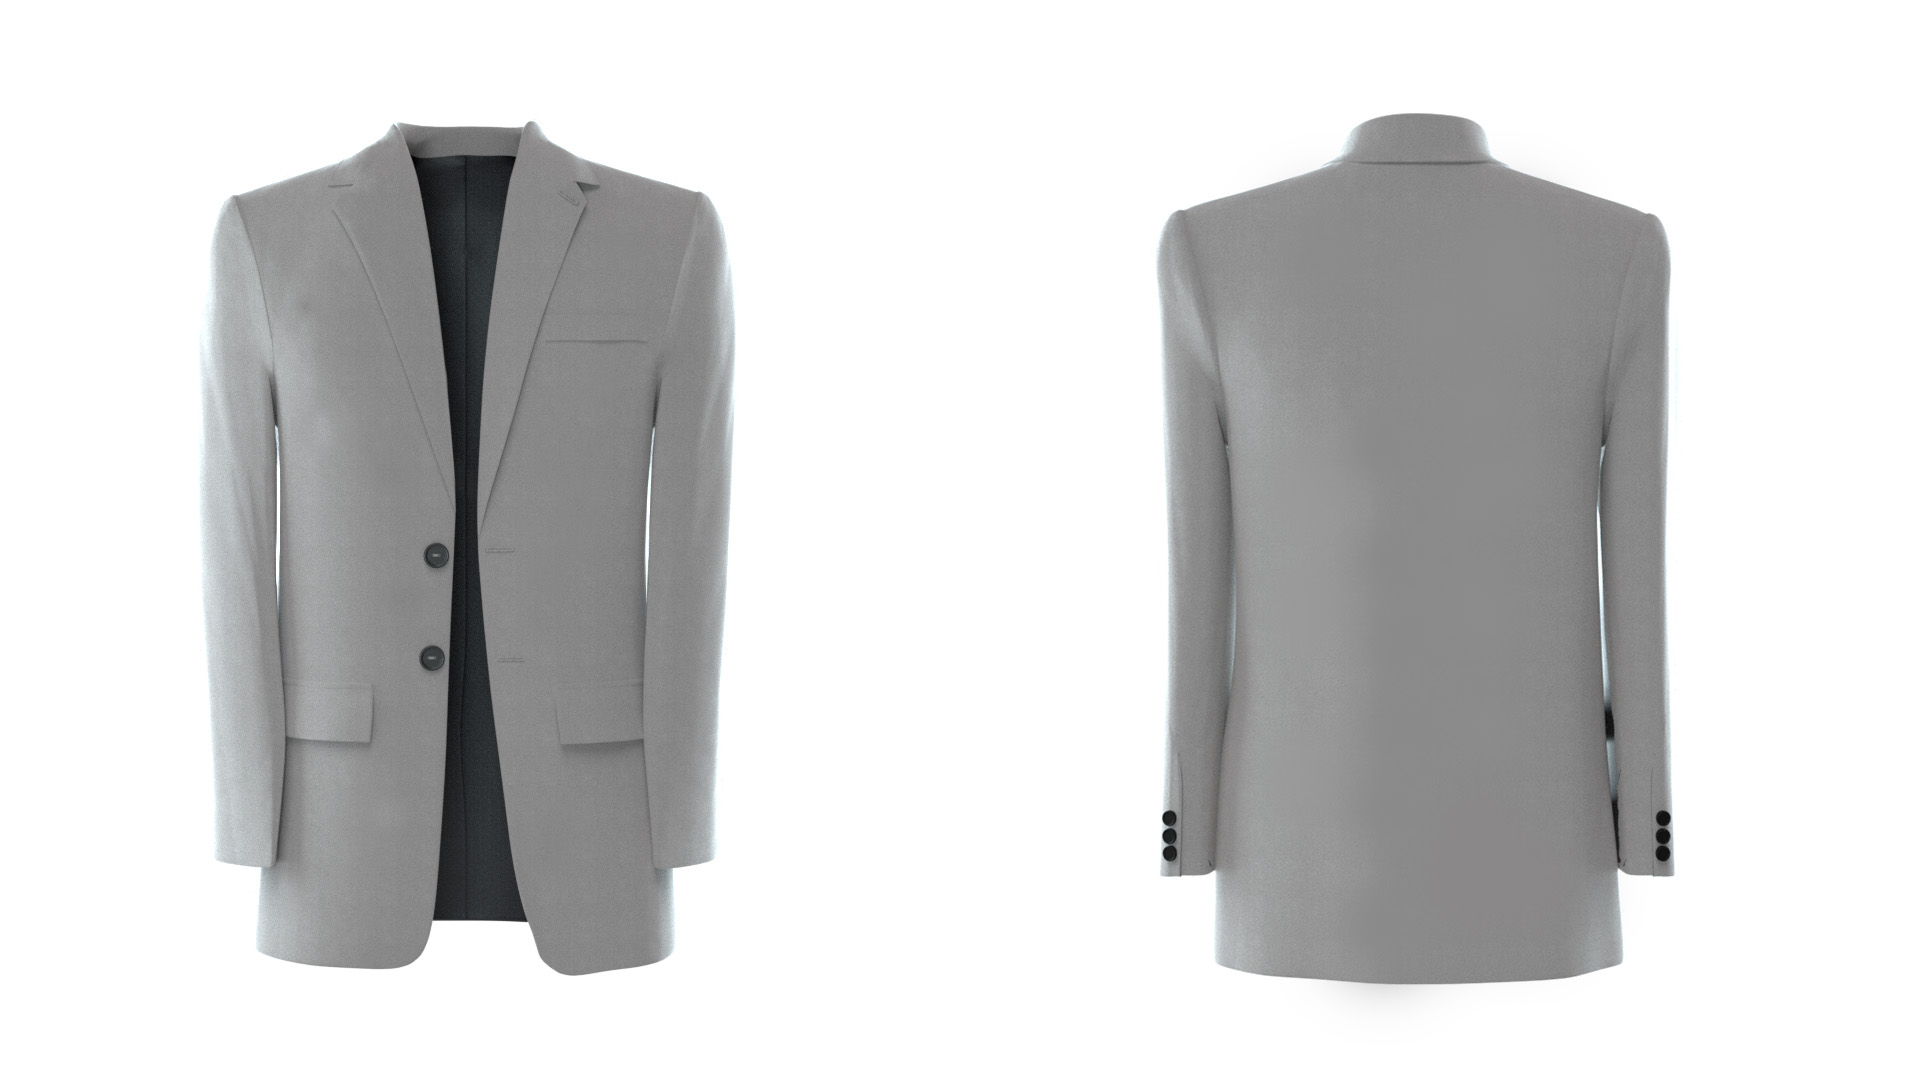 turning suit_2_FULL1.jpg